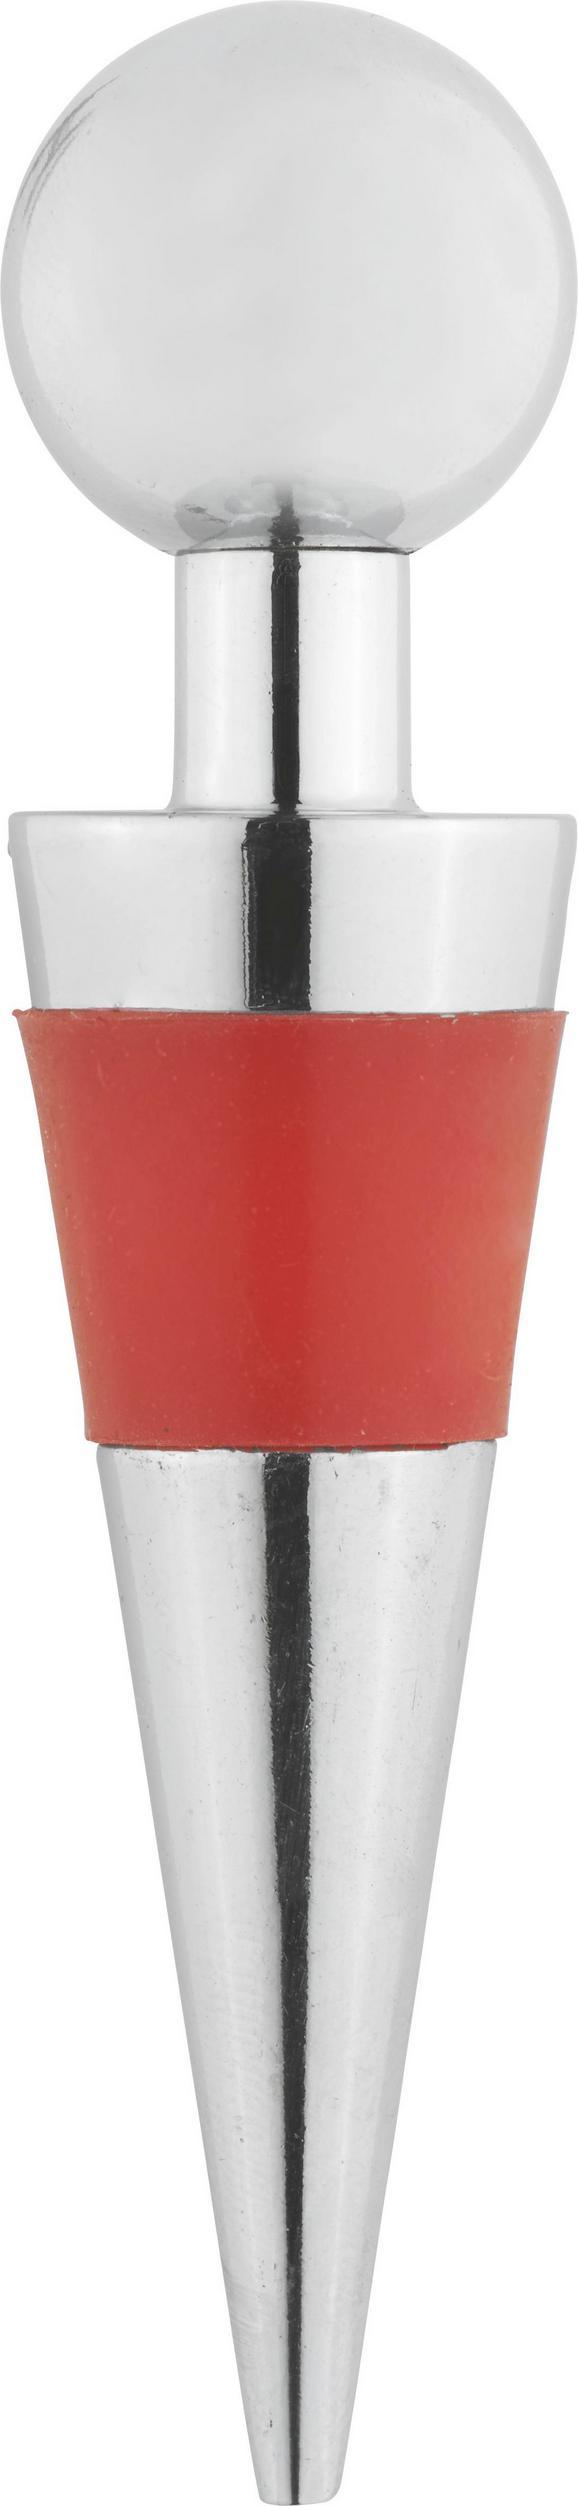 Zamašek Za Steklenice Sibile - srebrna, kovina (0.8kg) - Mömax modern living